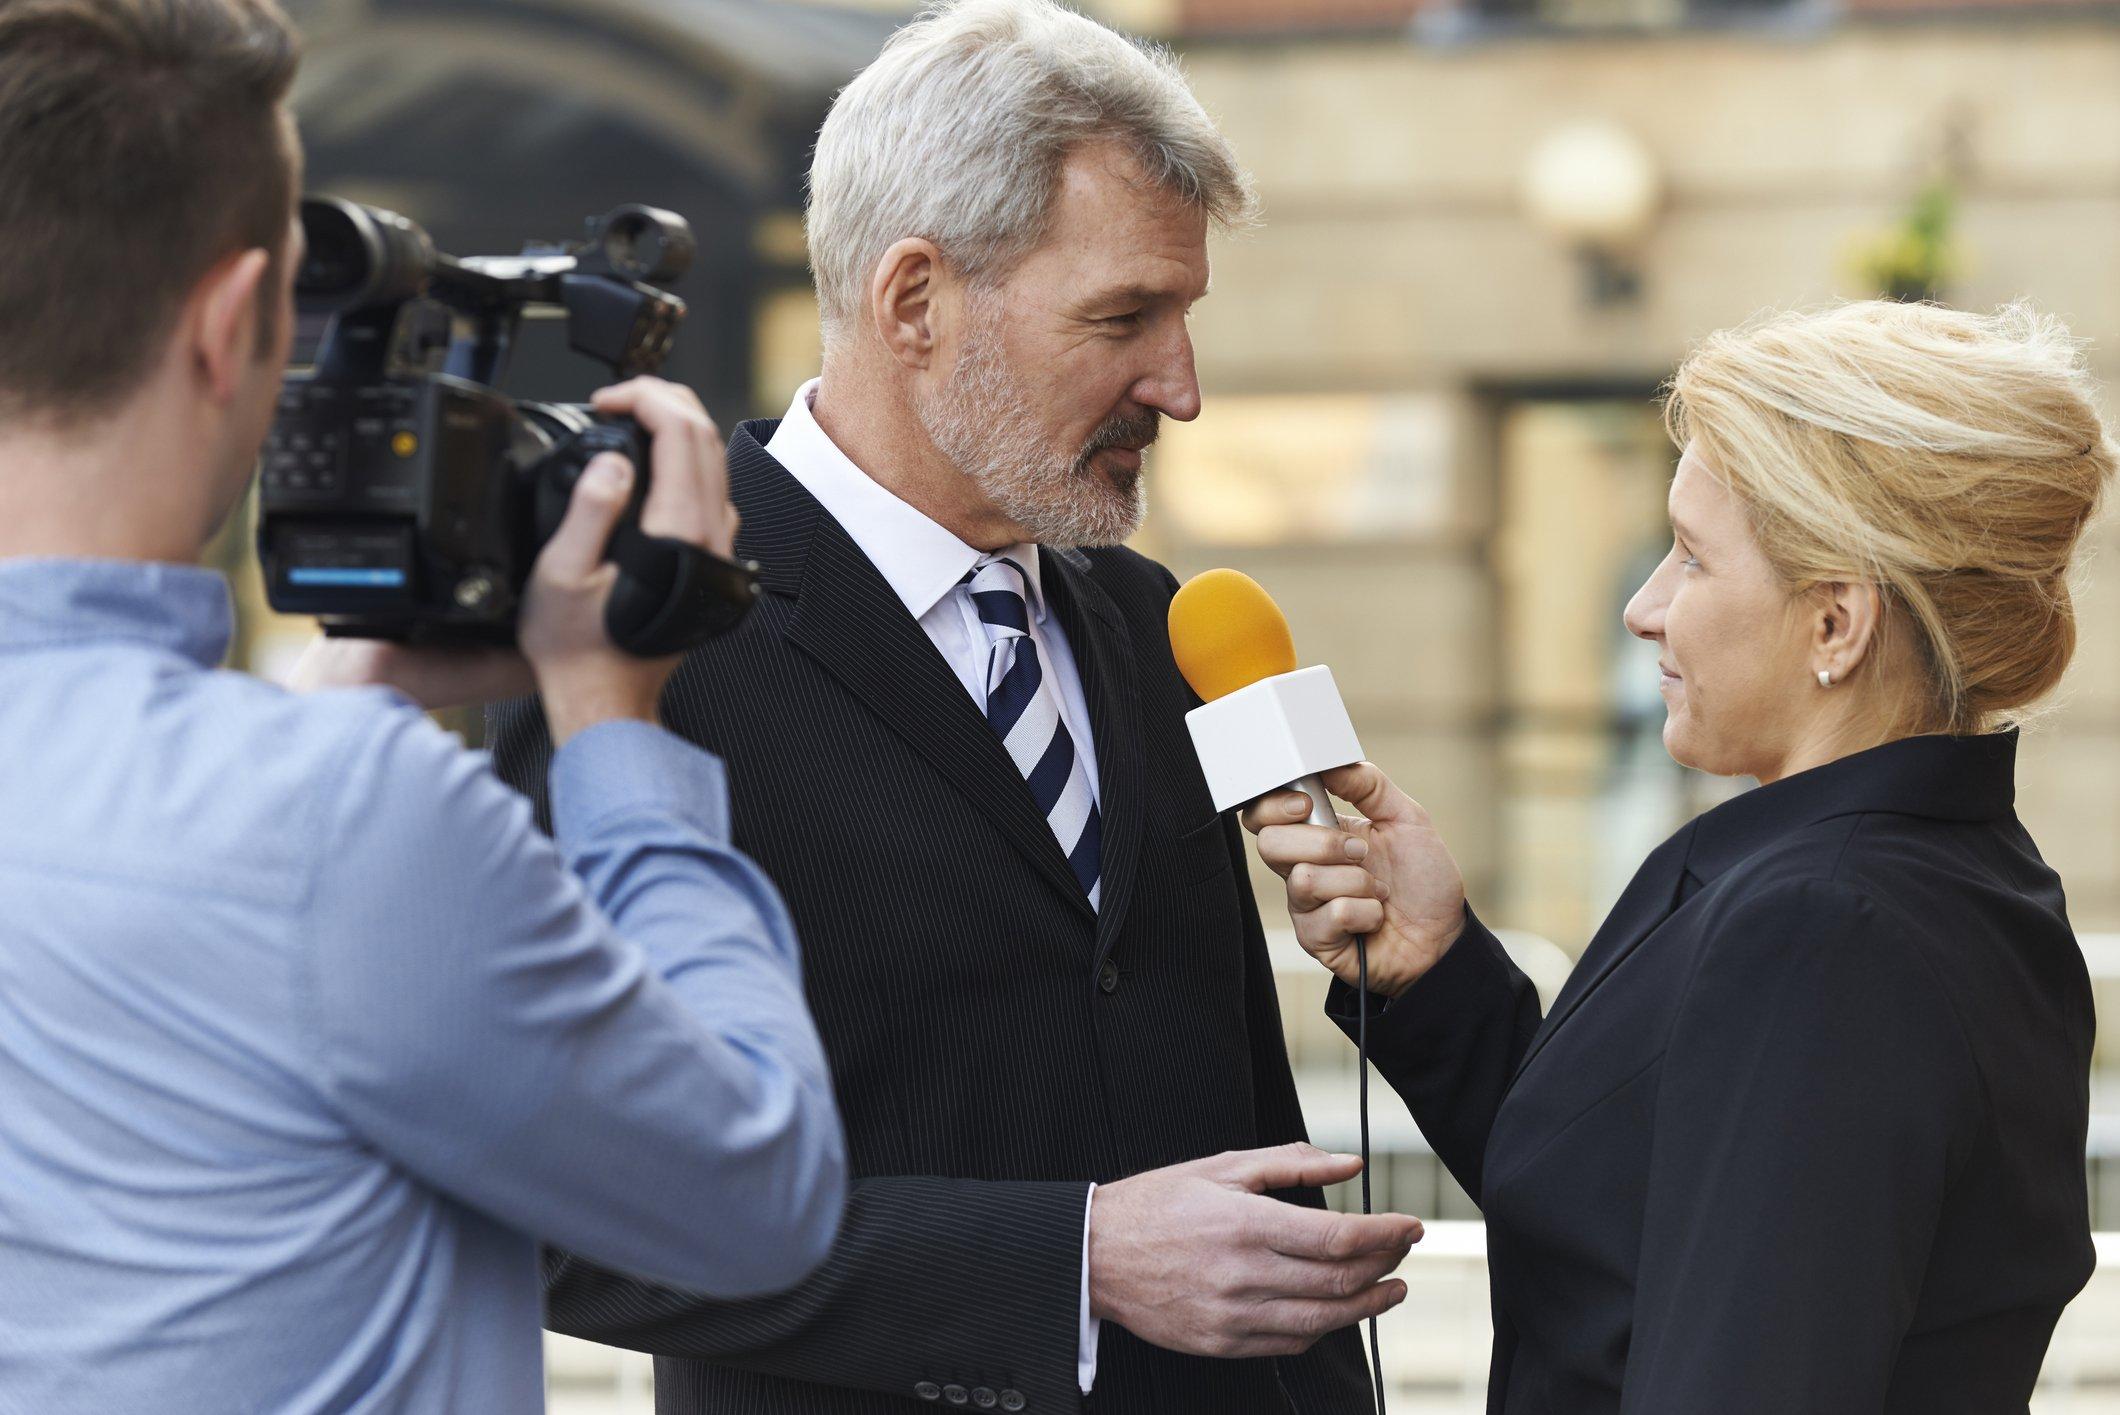 Journalist interviews businessman